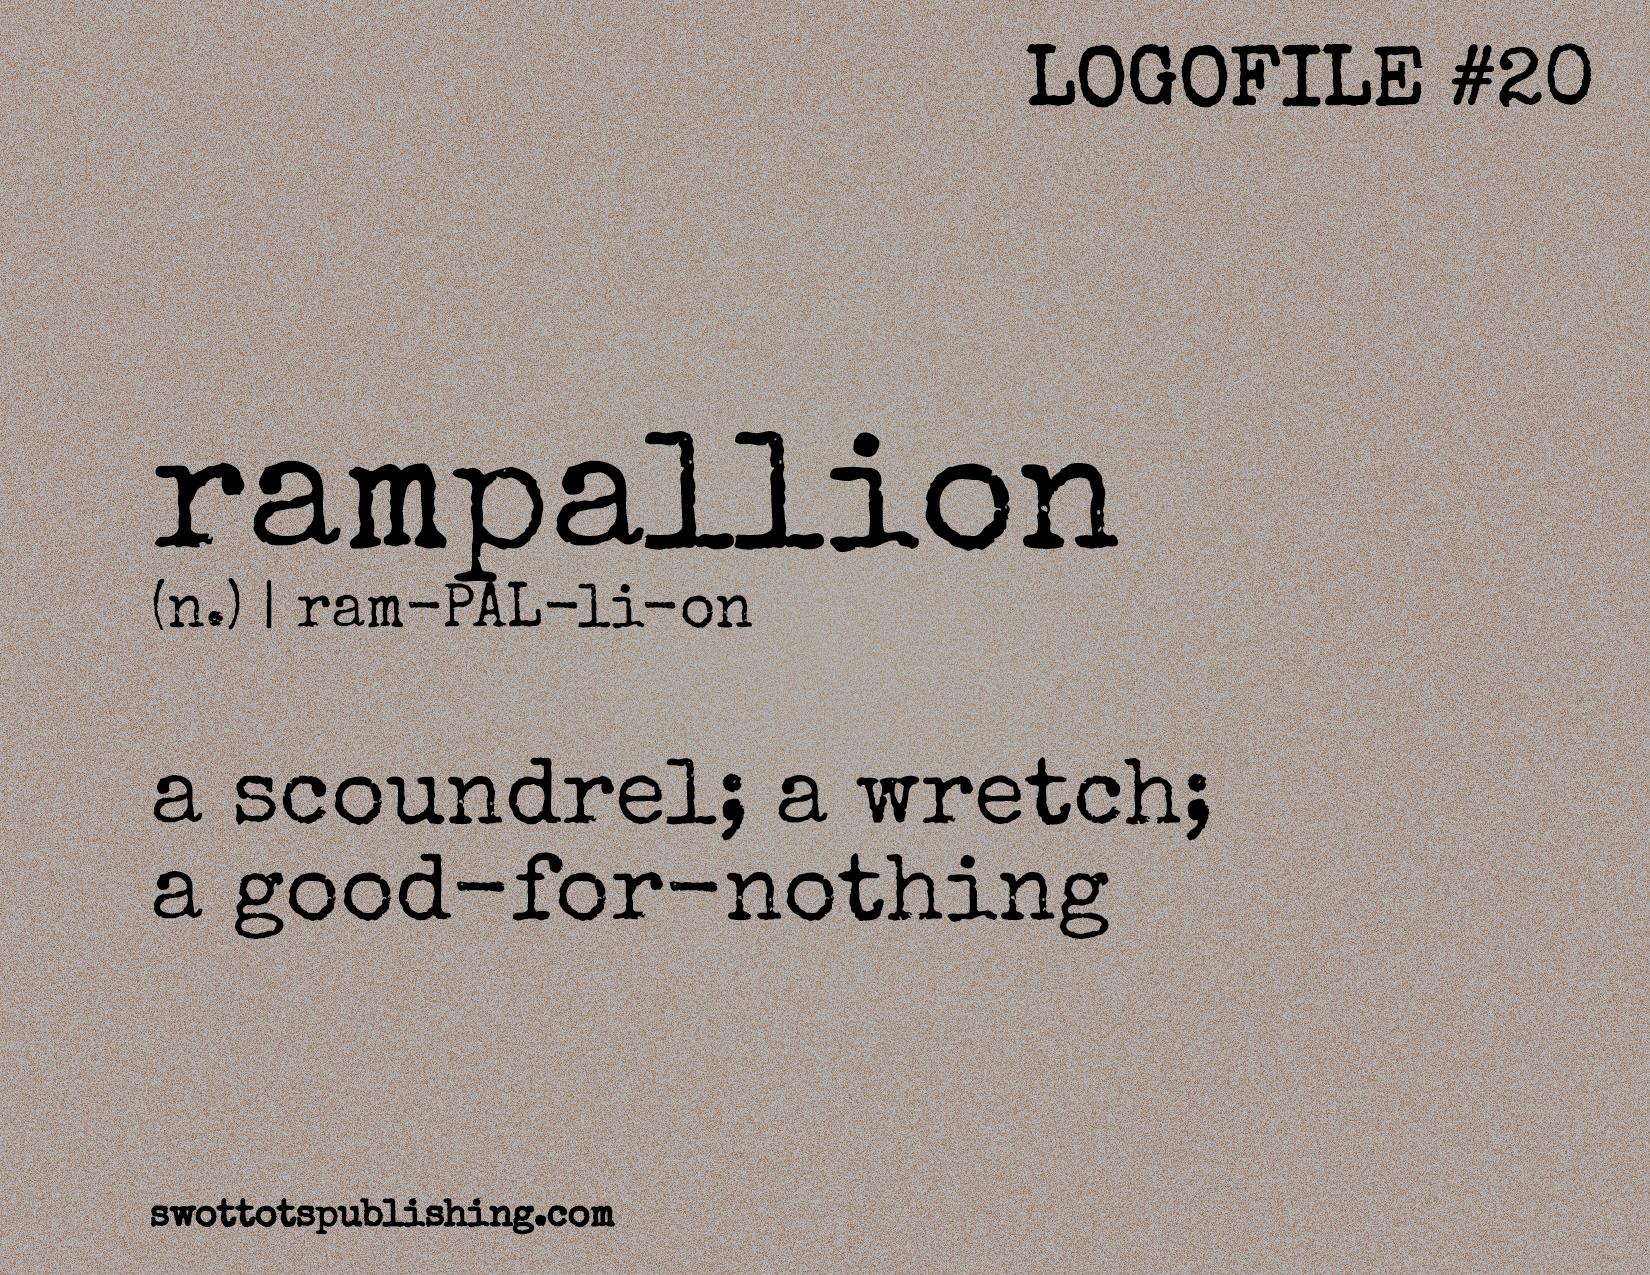 STP Logofile #20 | rampallion (n.)